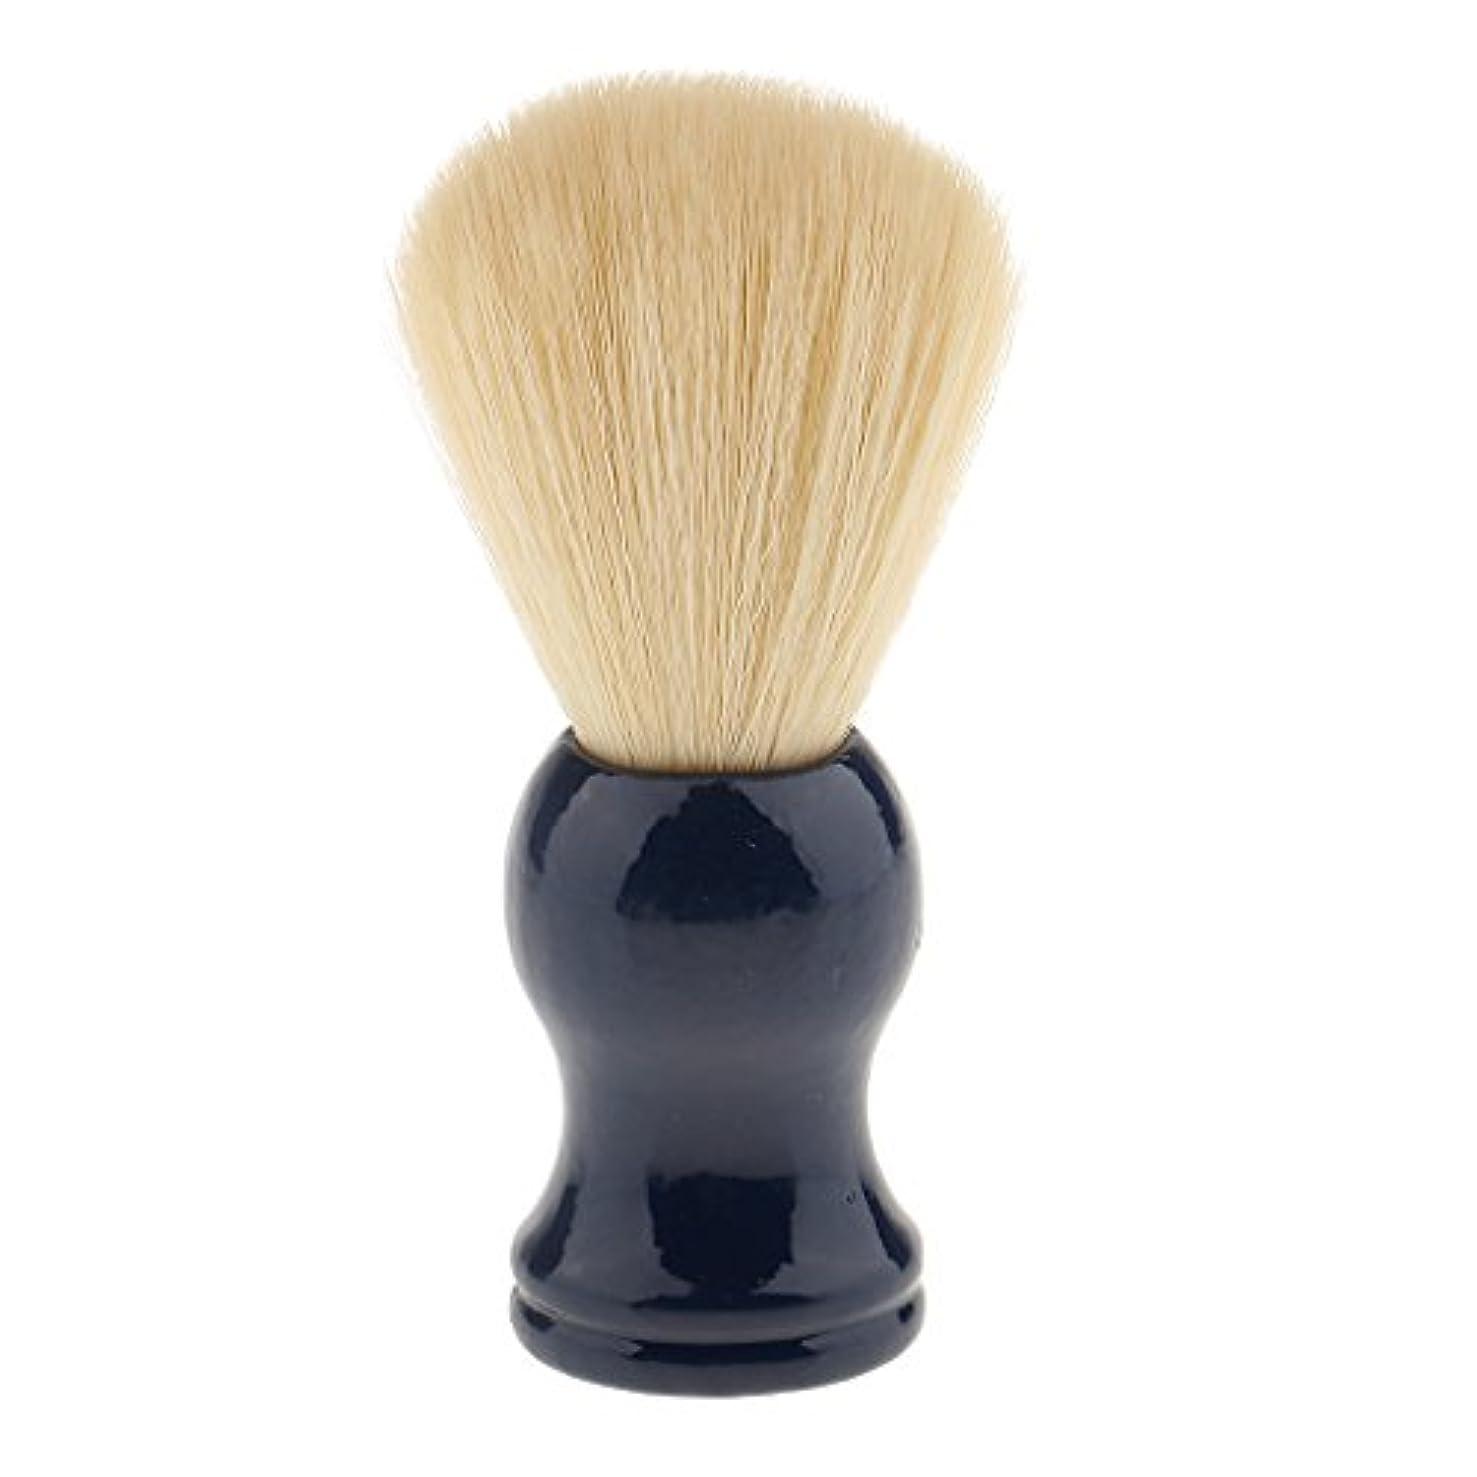 のぞき見一人で出血Baoblaze ナイロン ひげブラシ シェービング ブラシ 髭 泡立て 散髪整理  理髪用 サロン 快適 美容院